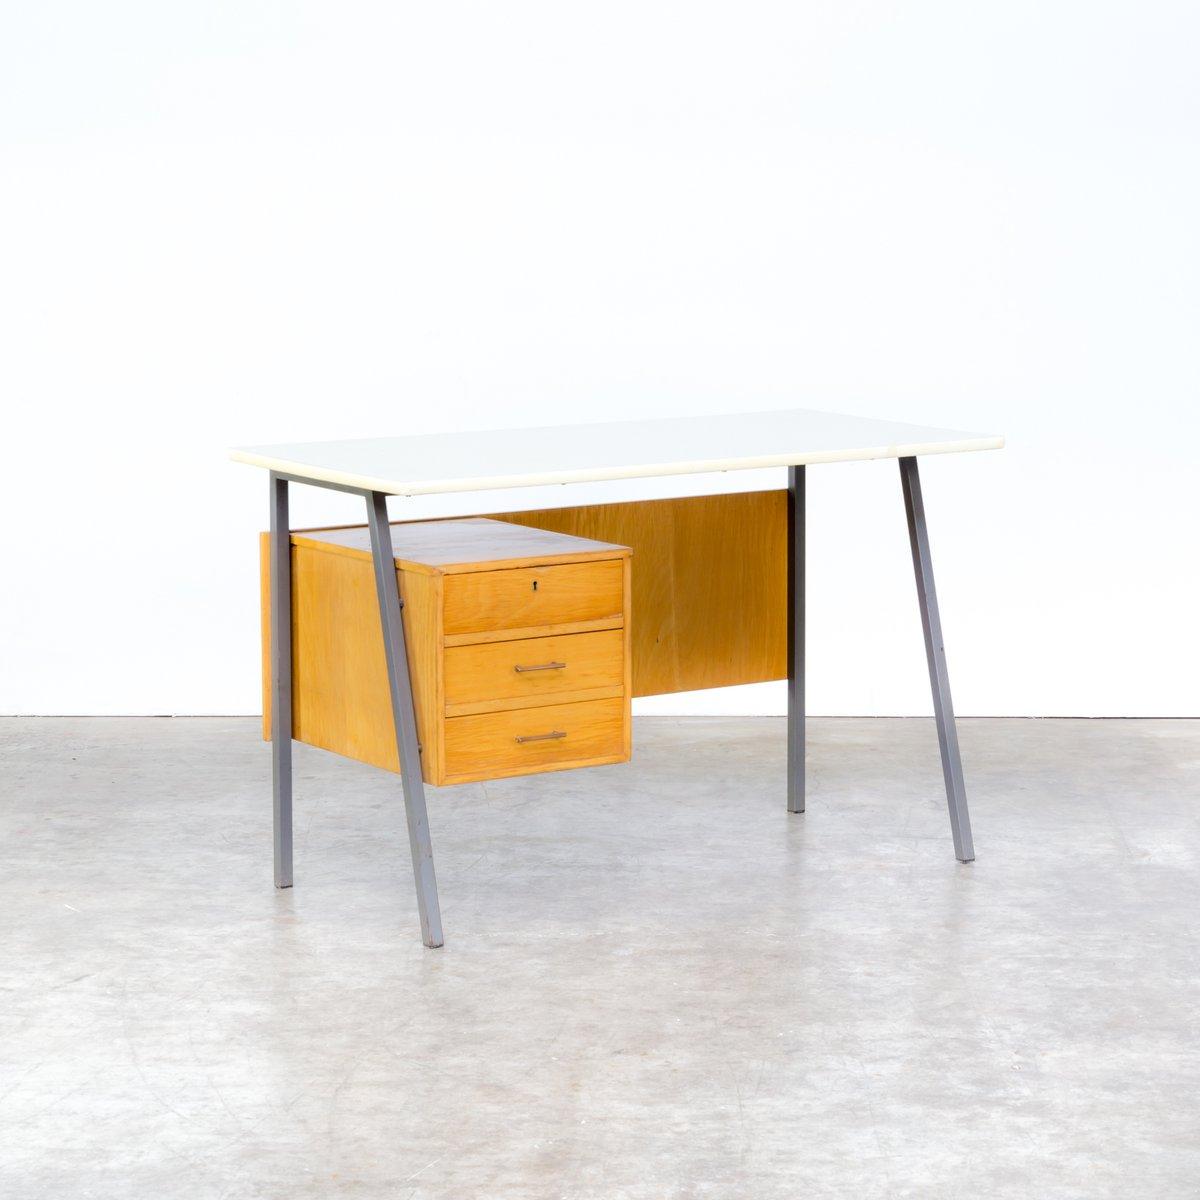 schreibtisch aus metall und holz mit resopalplatte 1970er bei pamono kaufen. Black Bedroom Furniture Sets. Home Design Ideas